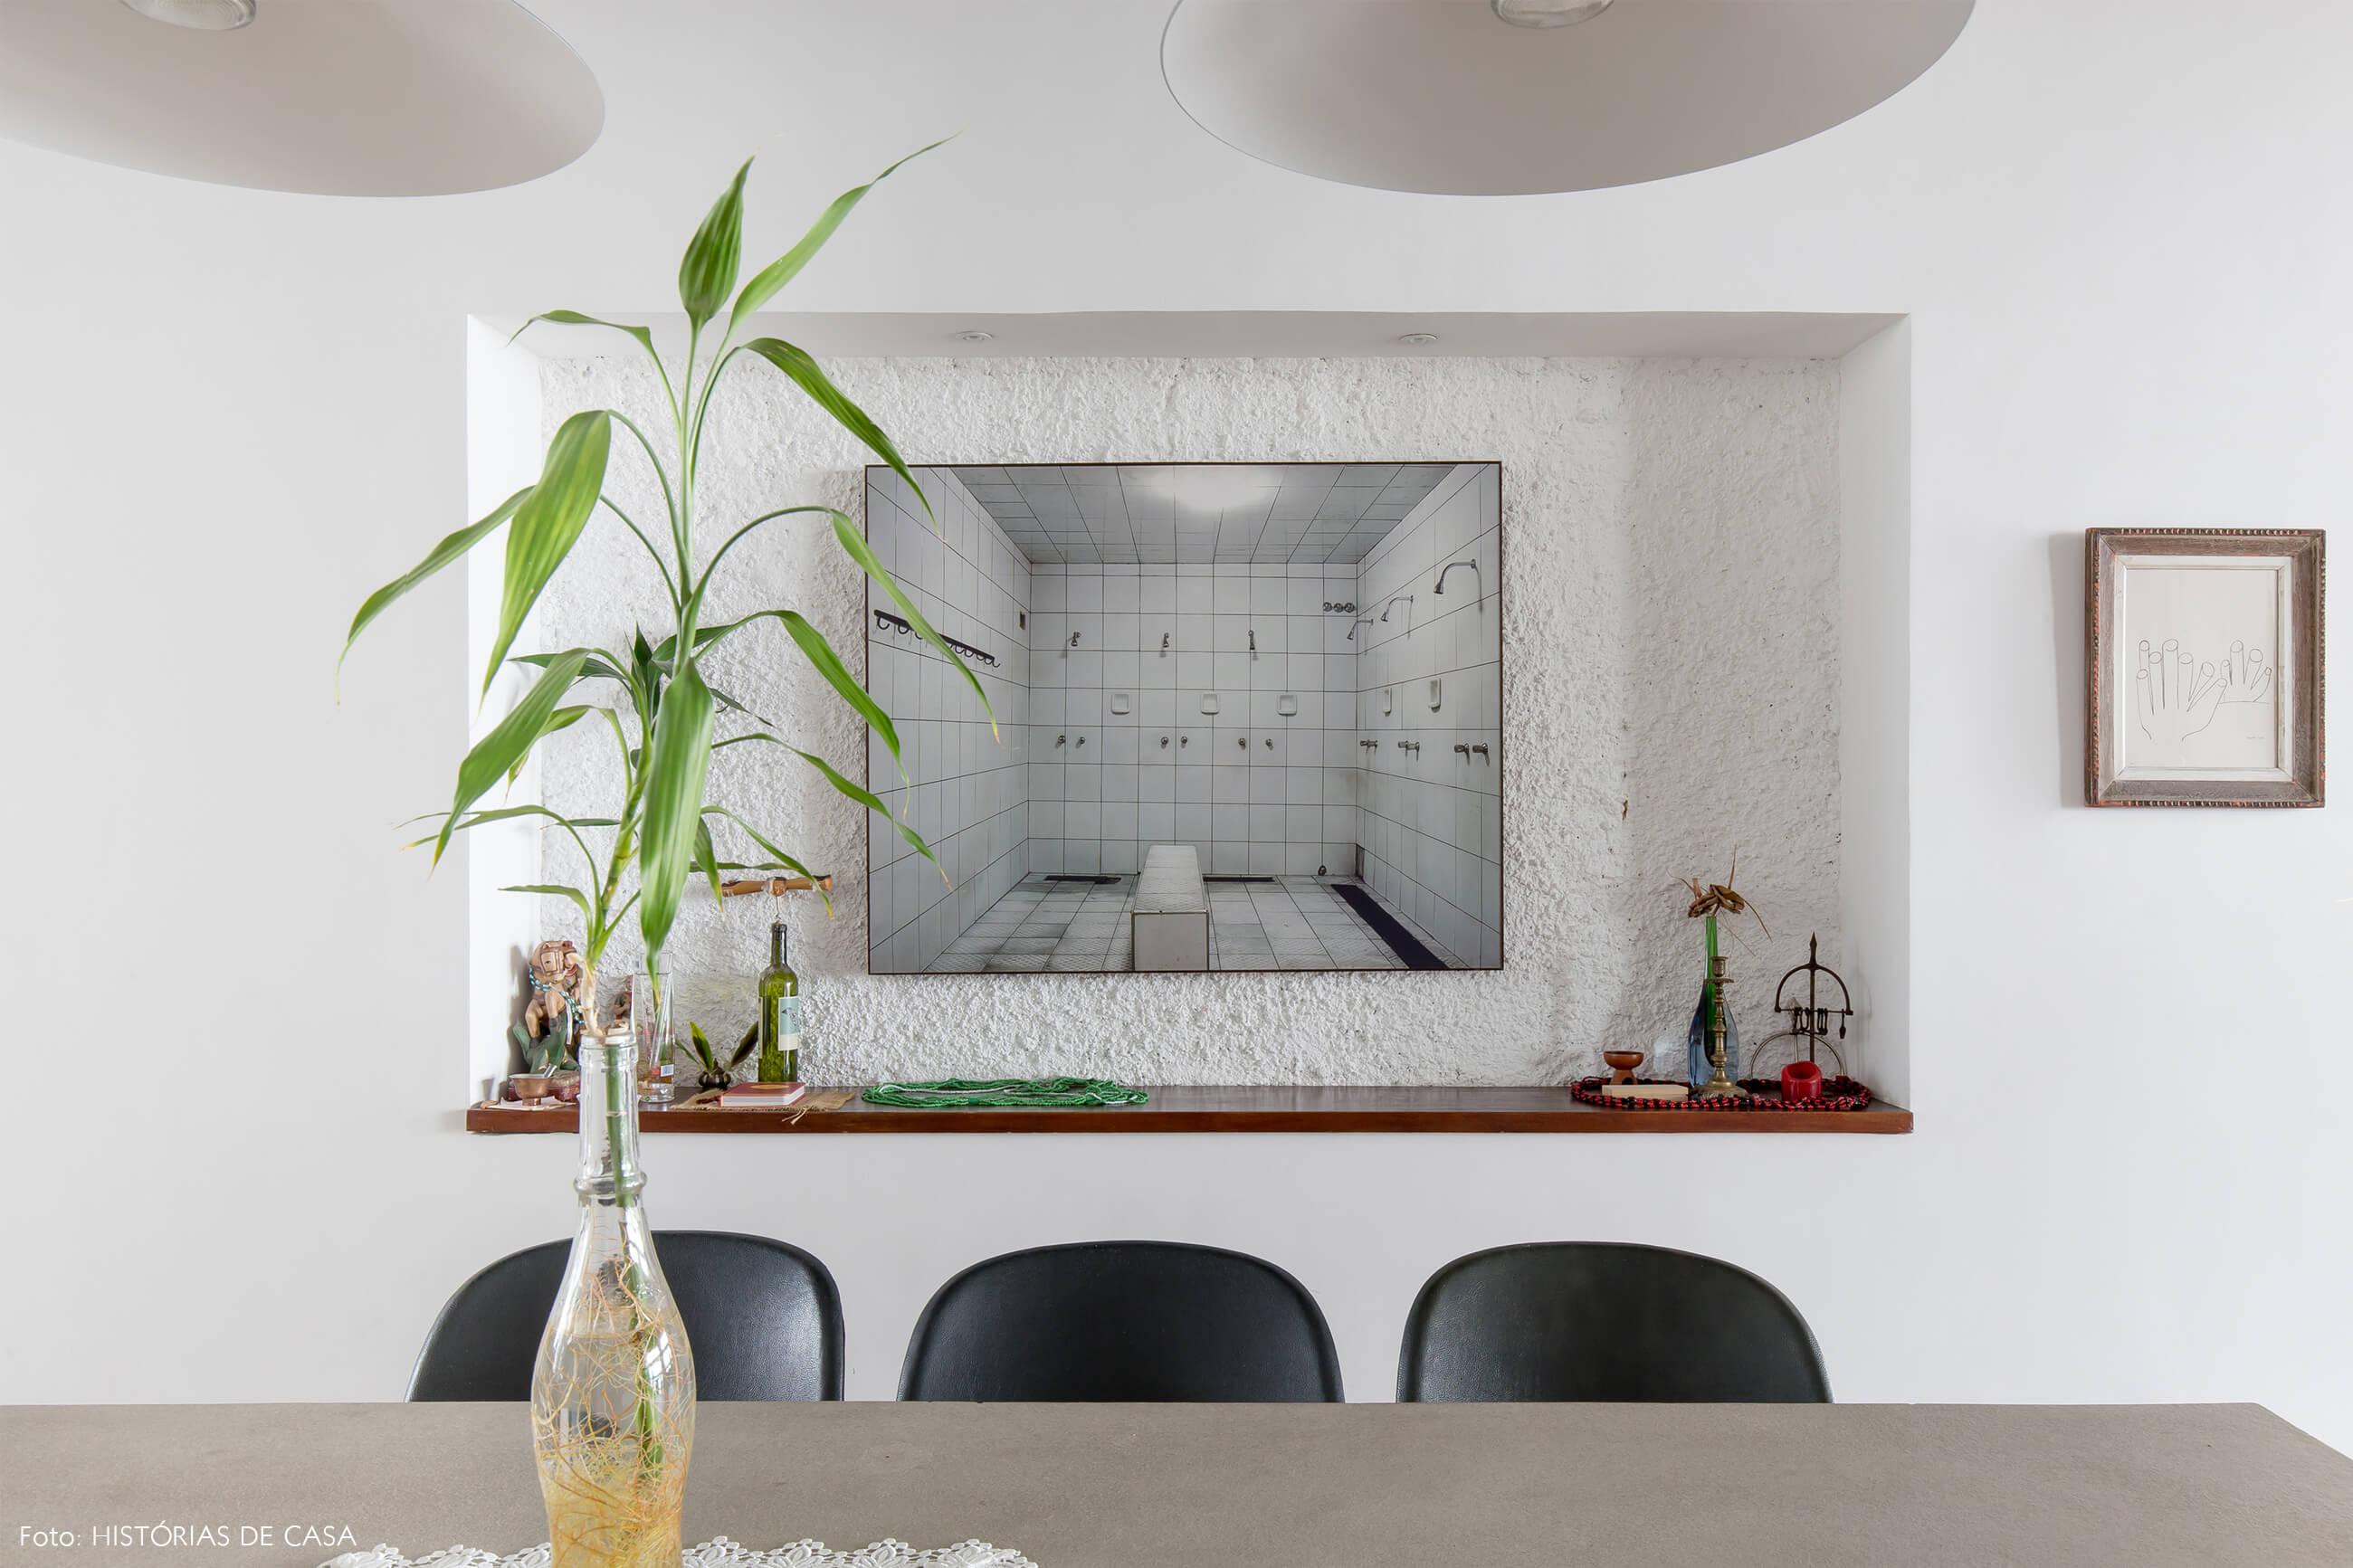 Ap decoração copan mesa concreto quadro cadeiras pretas planta